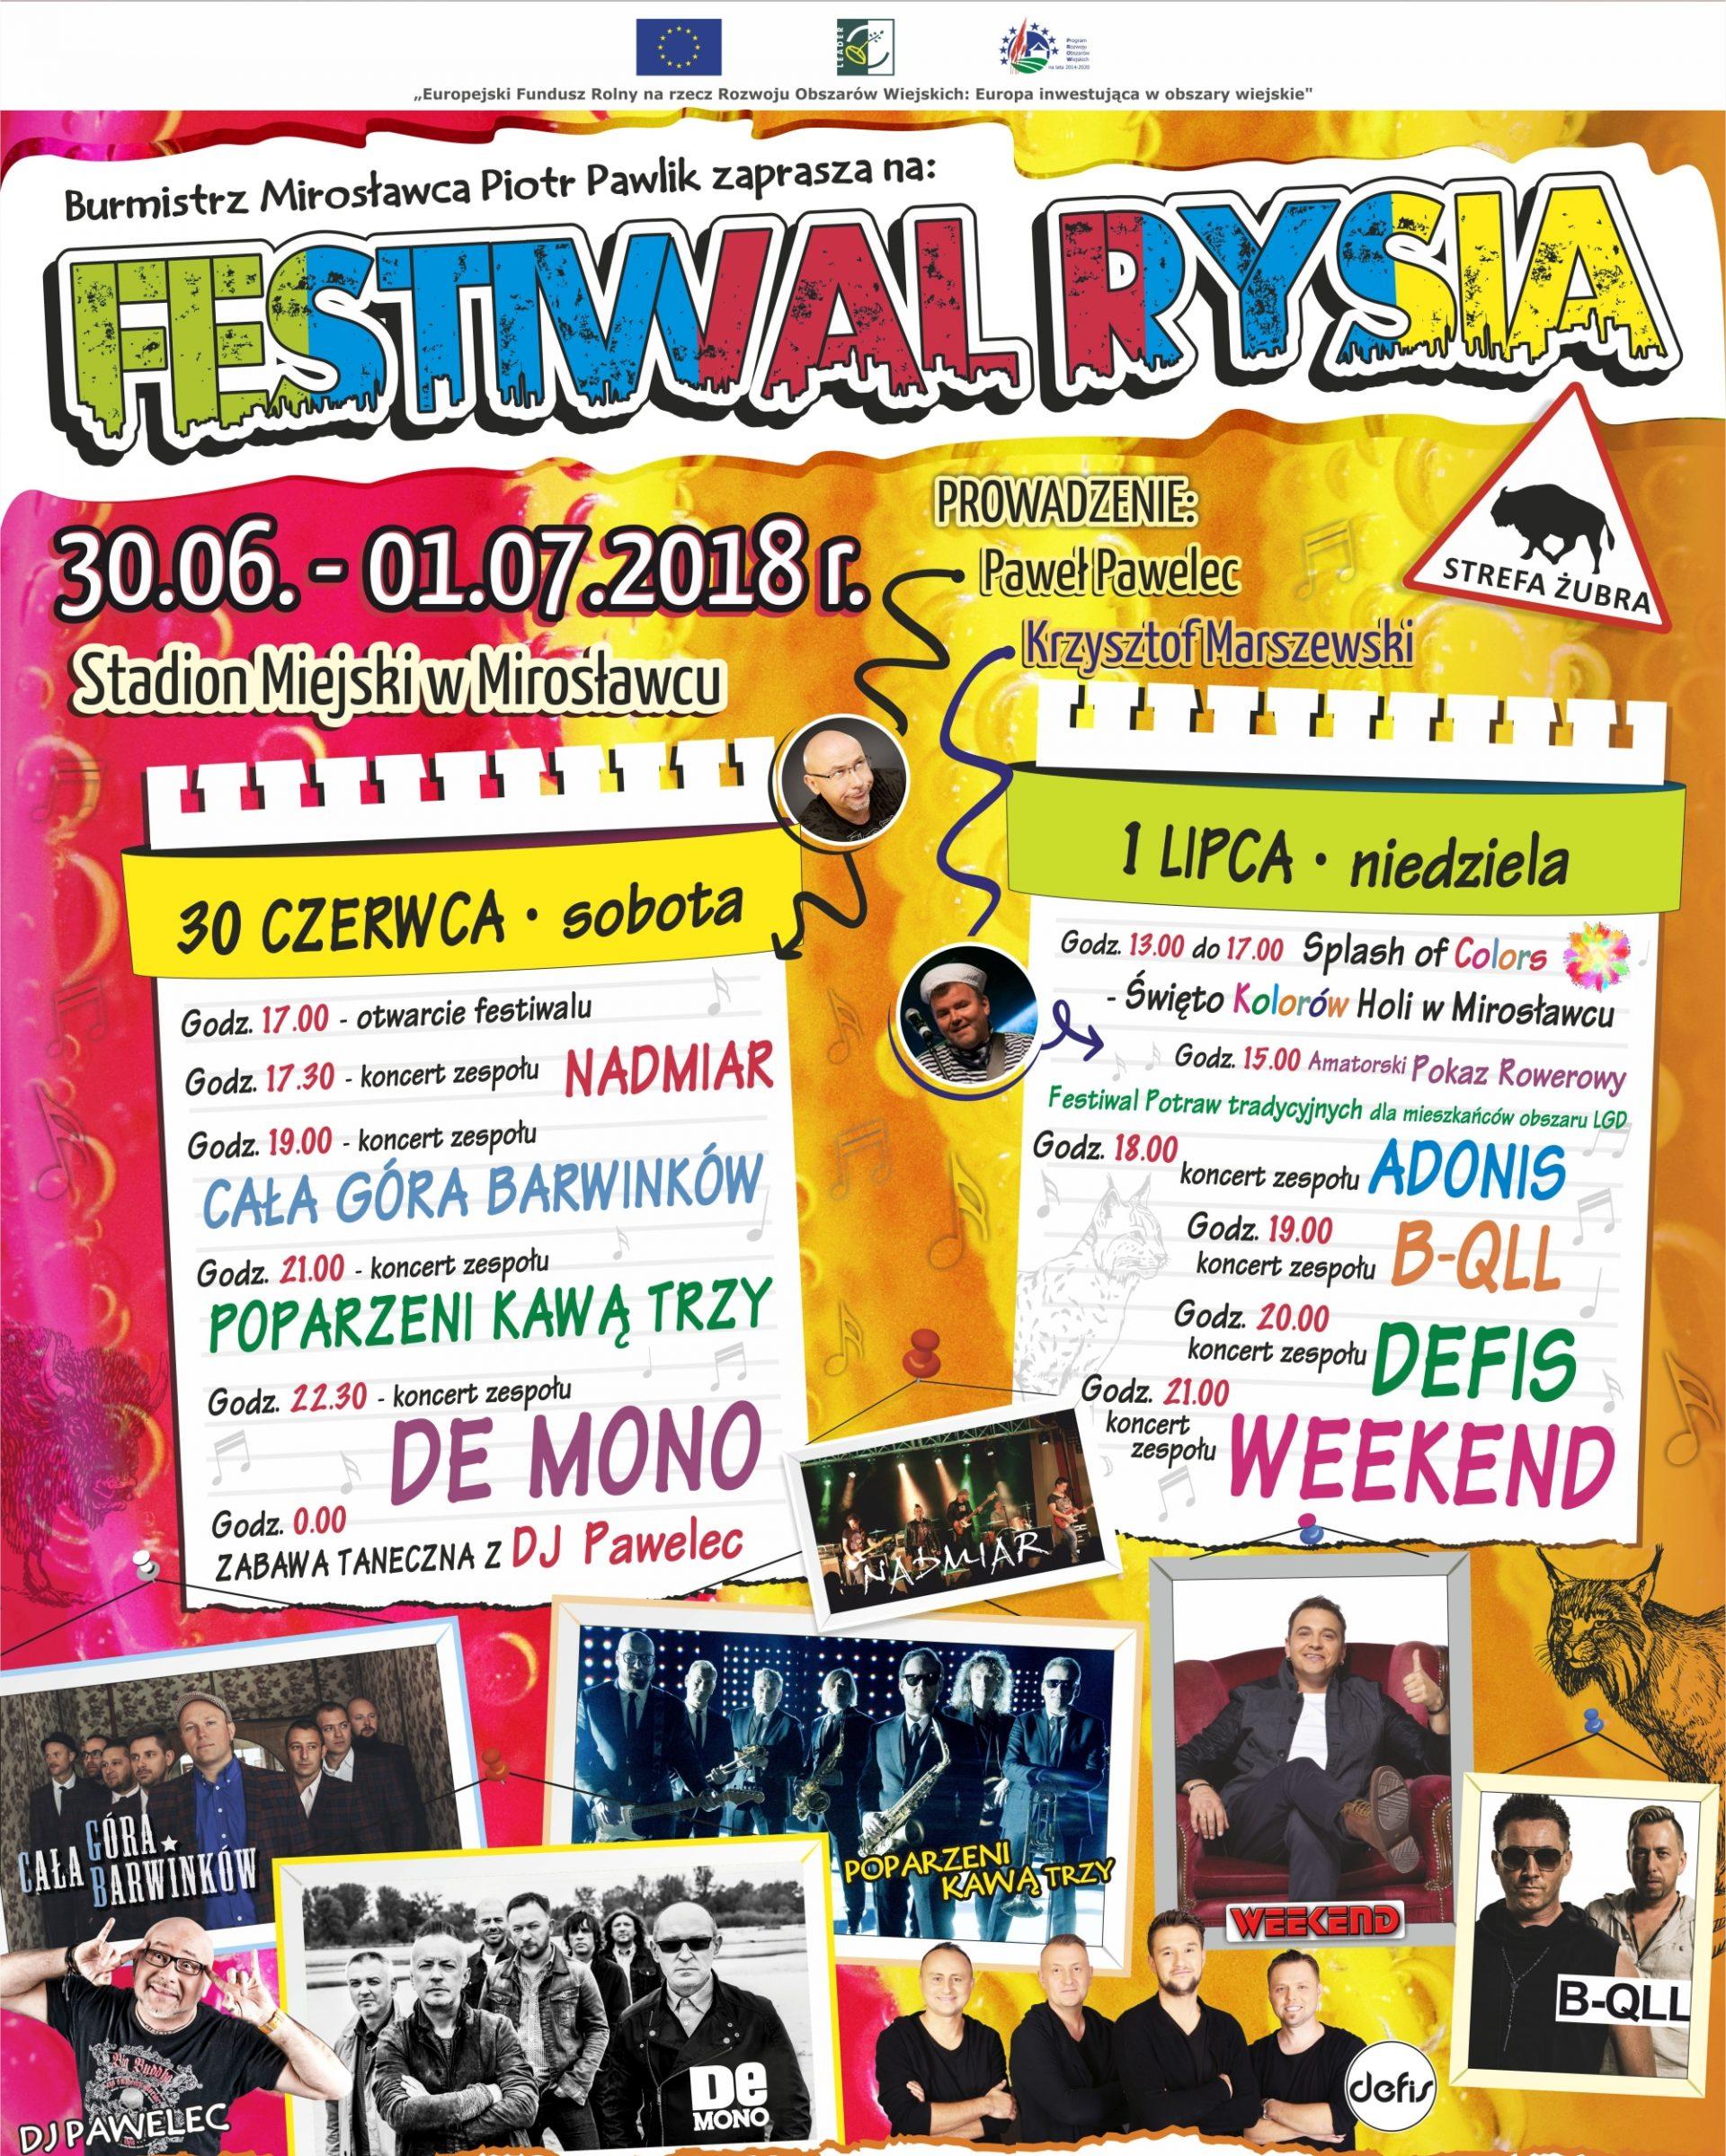 Festiwal Rysia